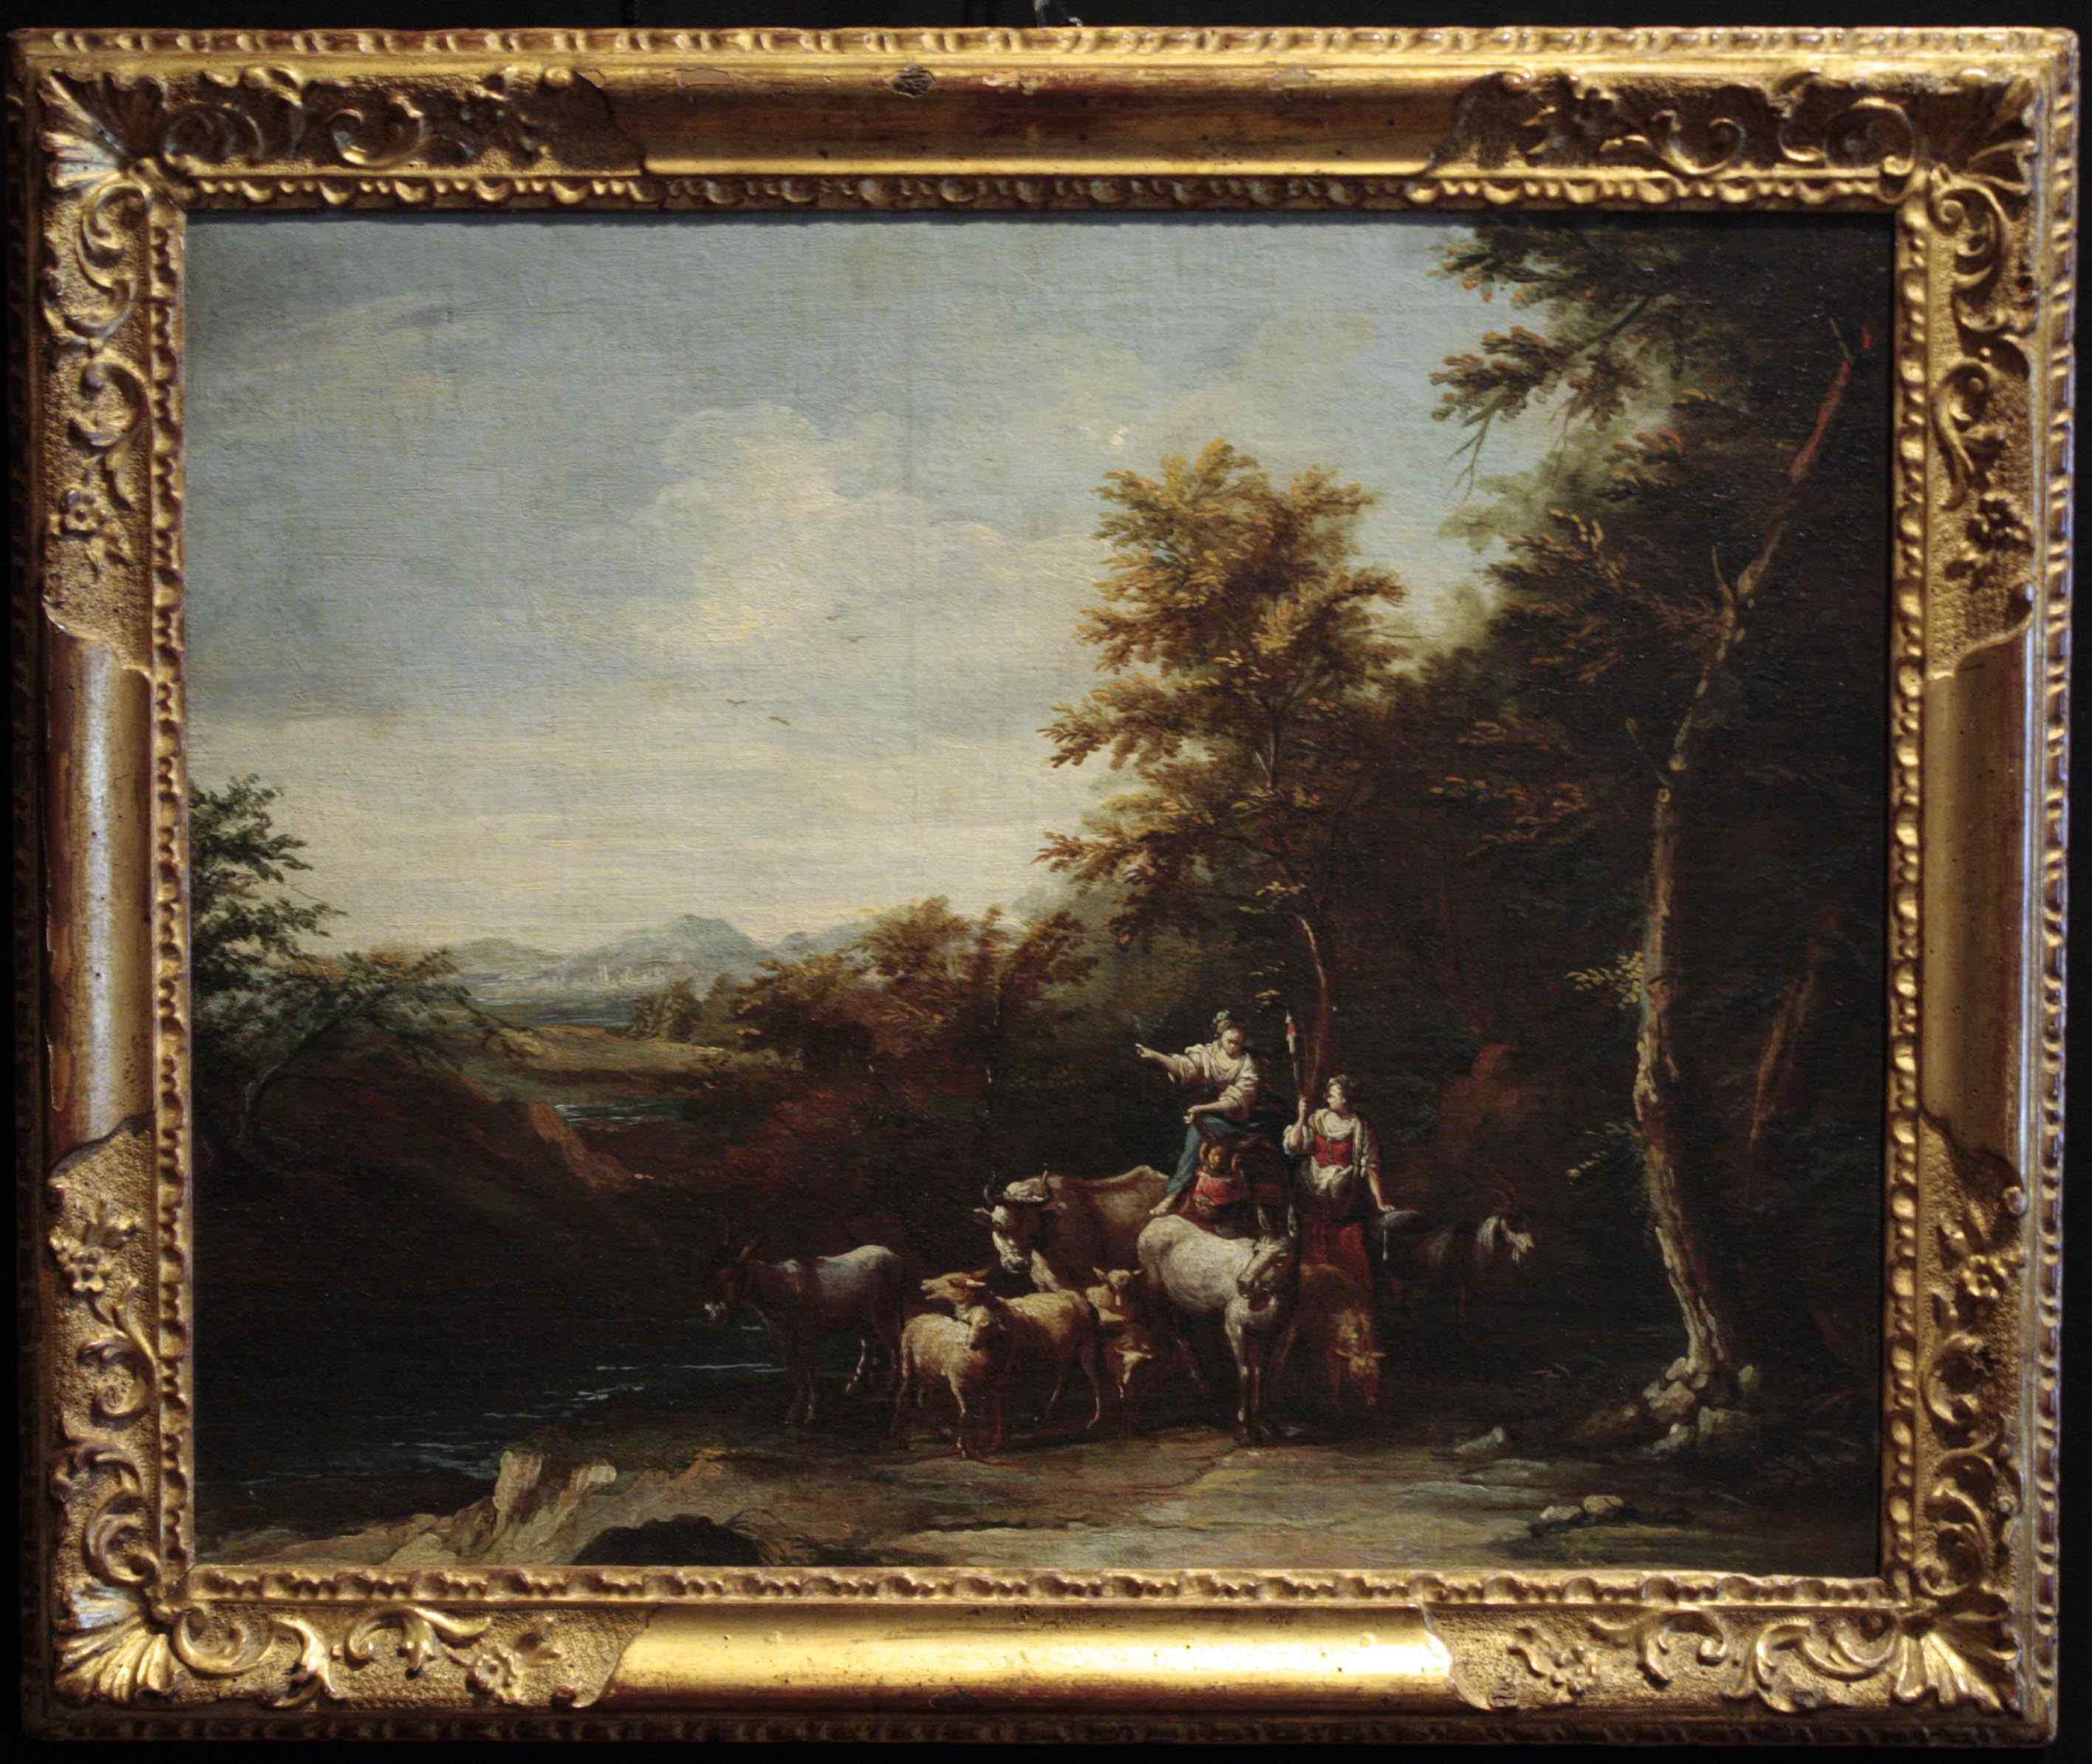 Zais Giuseppe (1709-1774) - Paysage avec les agriculteurs et